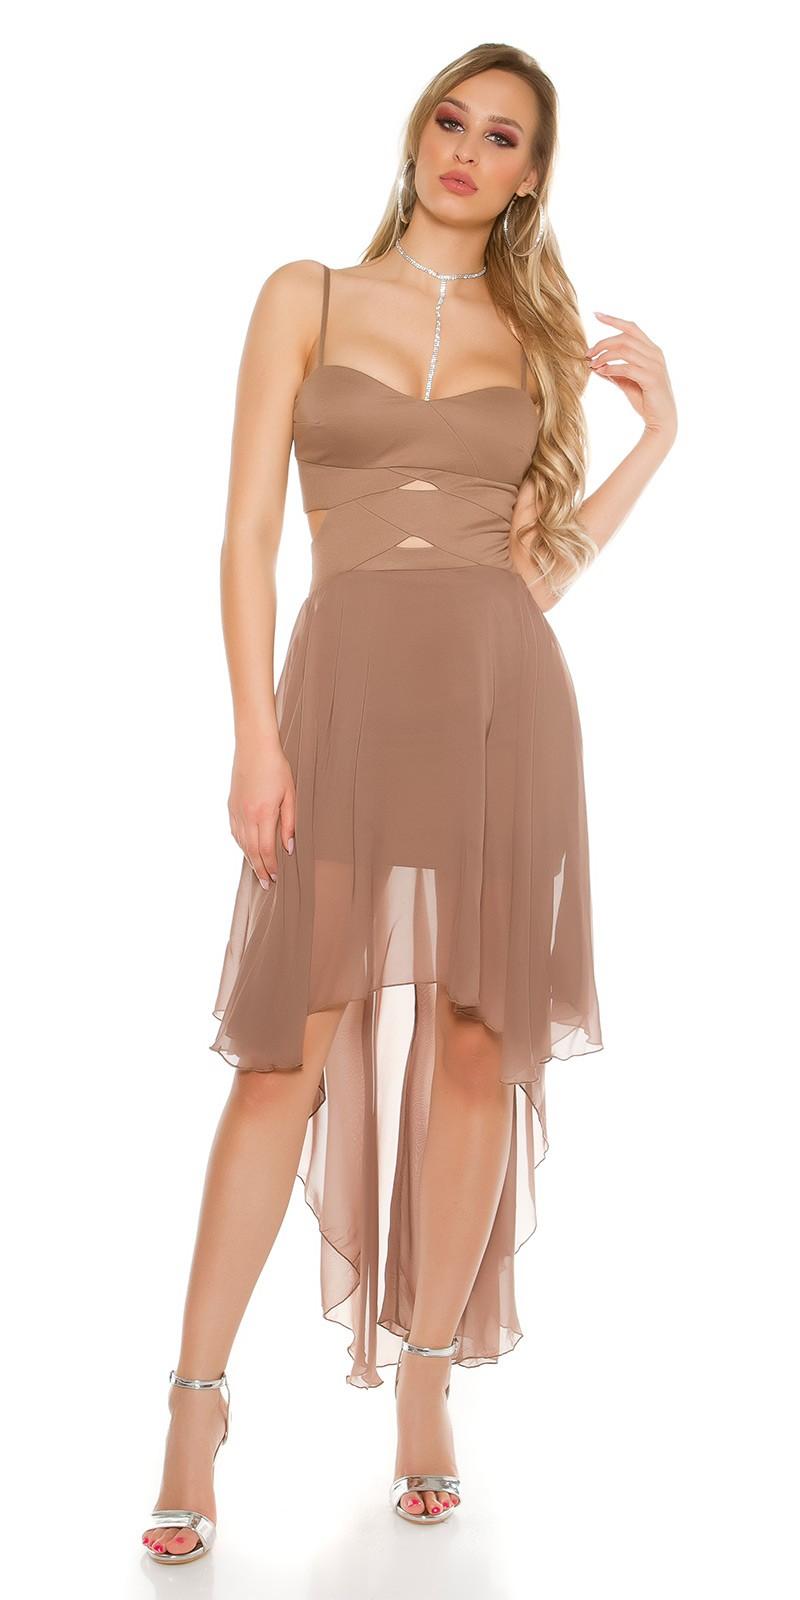 af9163ee09 Elöl rövid-hátul hosszú muszlin szoknyás alkalmi ruha - Capuccino (S/M,. Az  Ön értékelése: